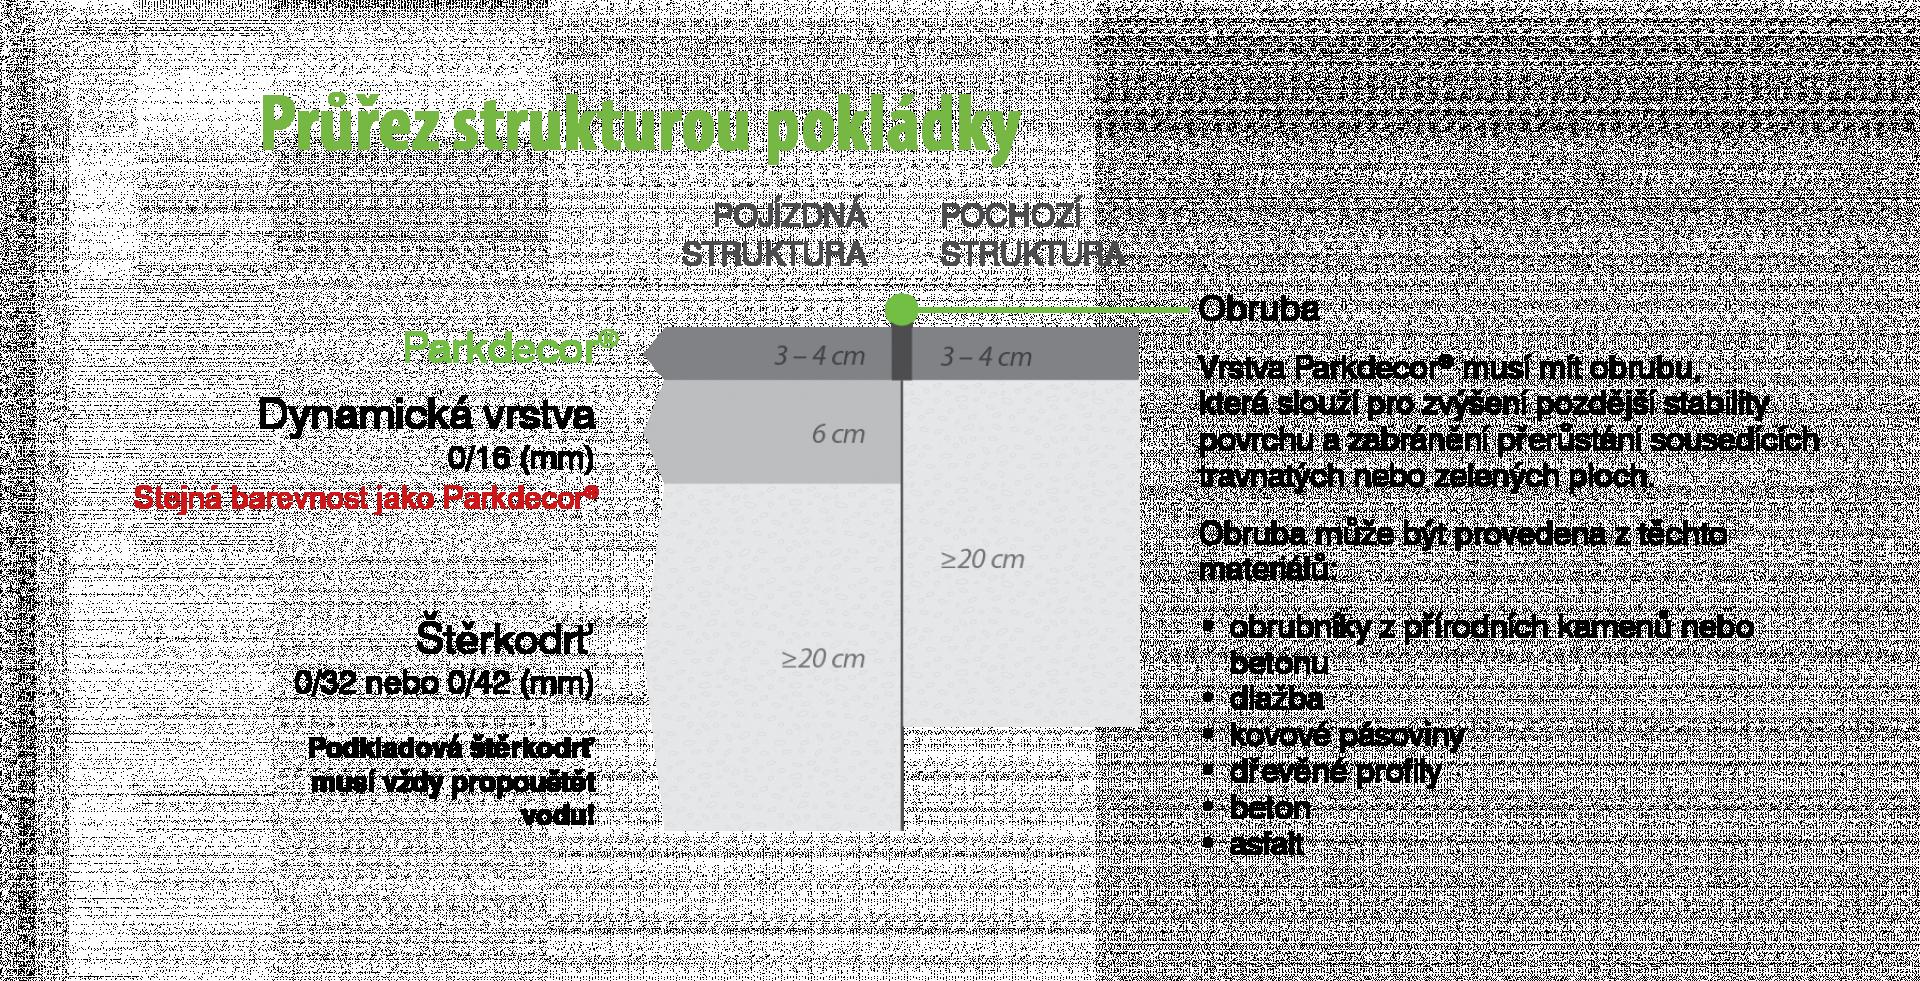 Systém pokládky mlatového povrchu při použití Parkdecoru